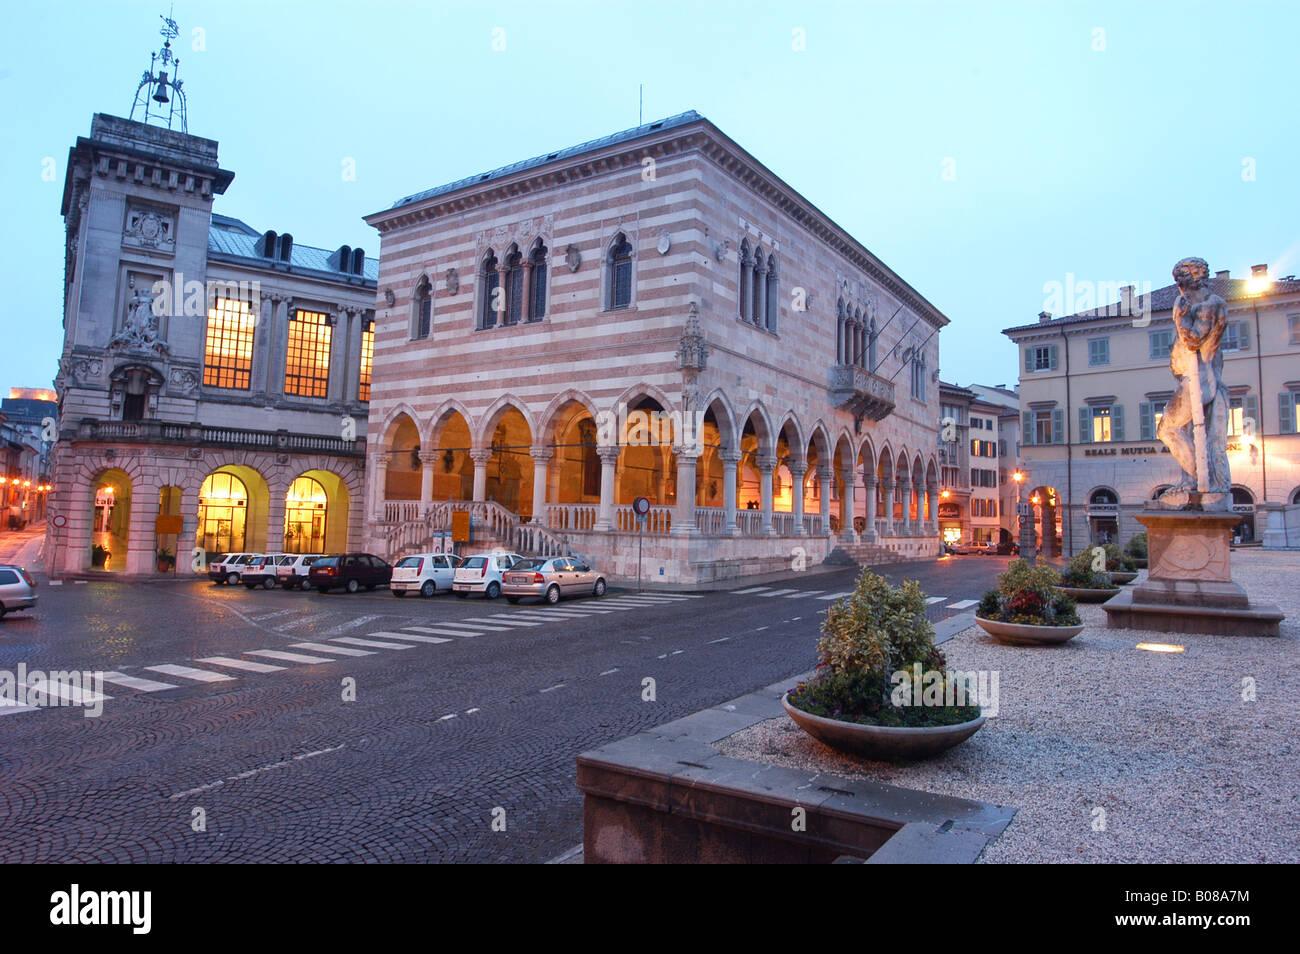 Piazza Libertà in Udine - Friuli Italia - Europe North Italy - Stock Image